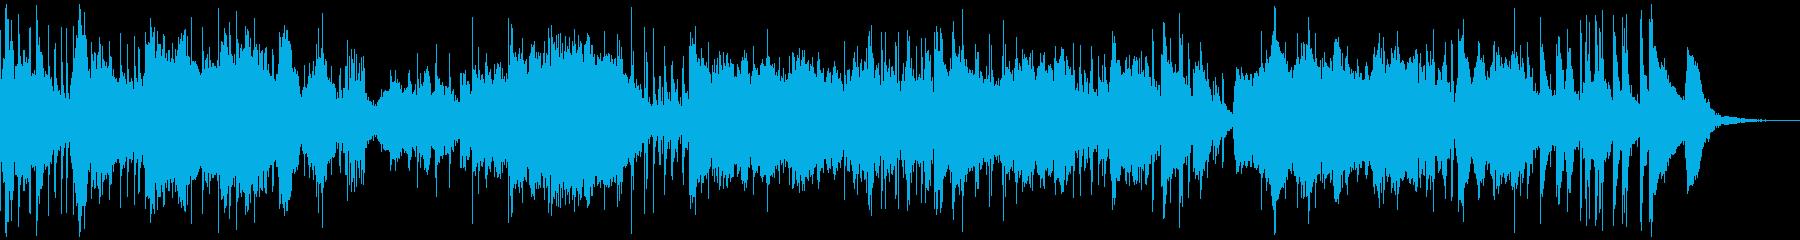 不可解な雰囲気シンセサイザーアンビエントの再生済みの波形